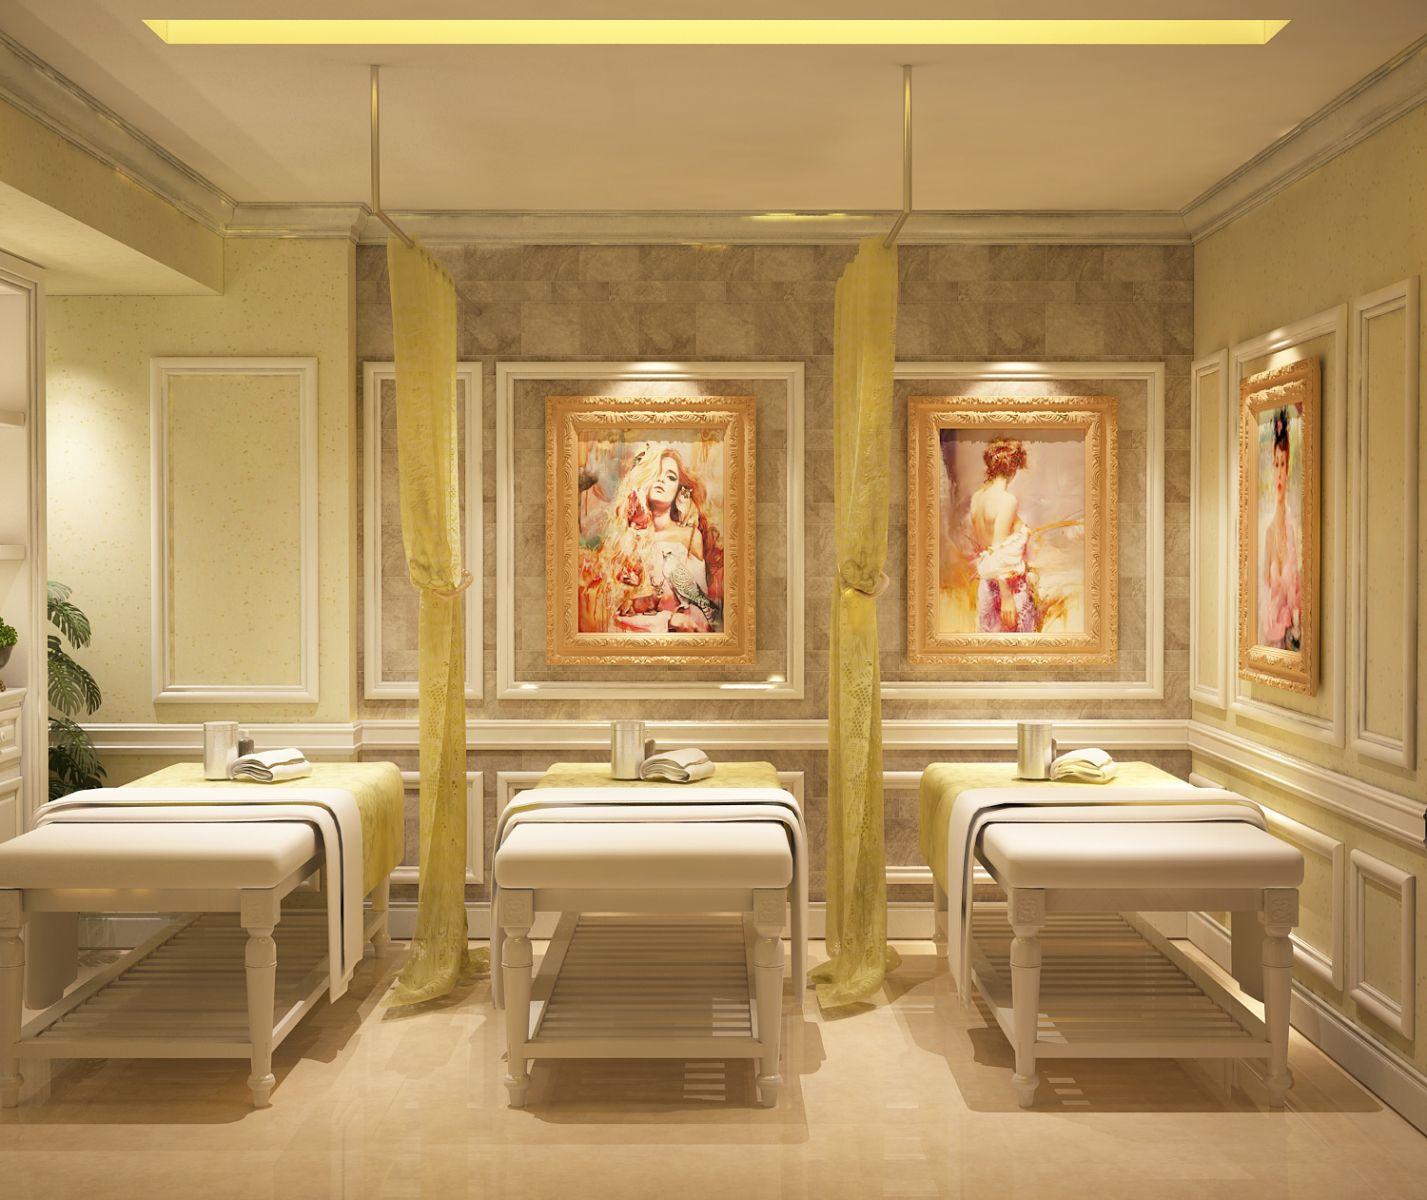 Phong cách thiết kế nội thất spa